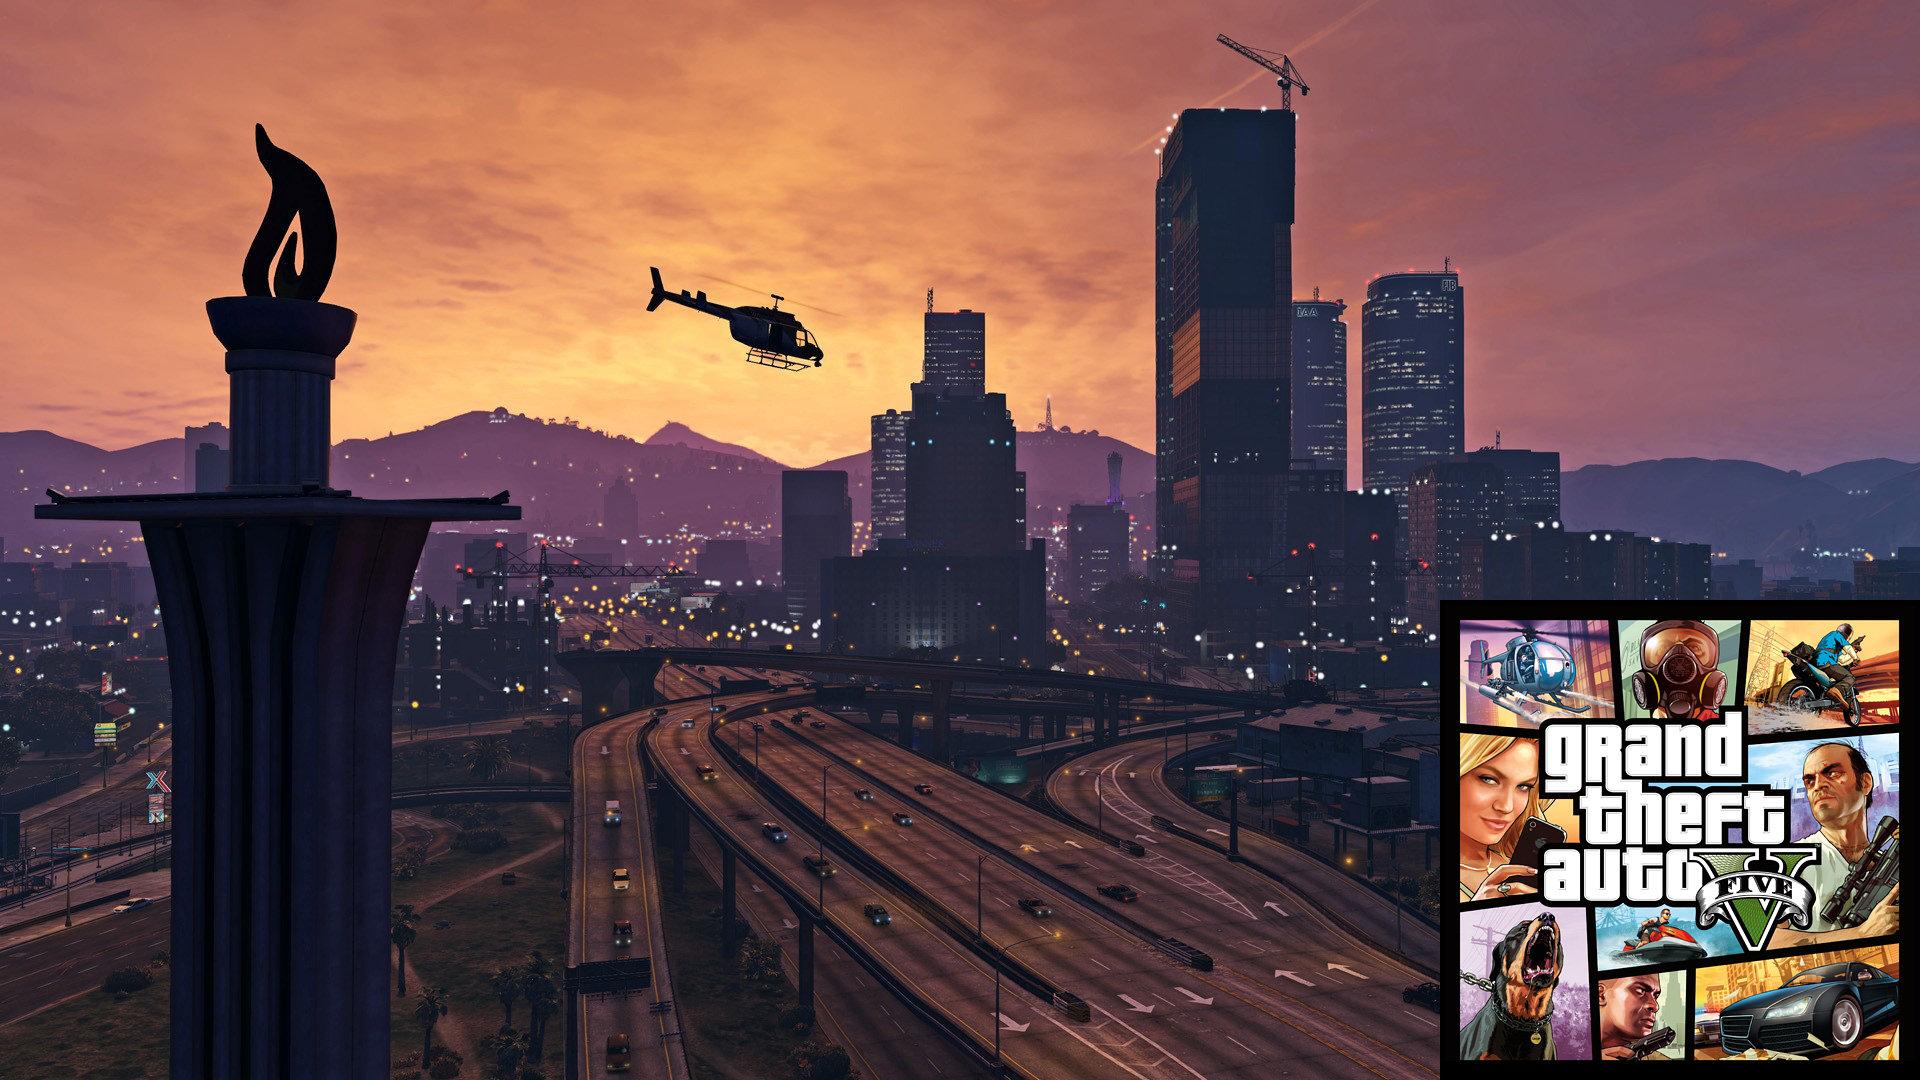 12 Jahre nach GTA III tischt Rockstar den Spielern 2013 eine digitale Nachahmung von Los Angeles namens Los Santos auf, das über drei Protagonisten erforscht, entdeckt, erlebt werden kann. Wer stirbt, setzt einfach wieder beim letzten automatischen Speicherpunkt sein freies Treiben fort. (Bild: Andreas Wanda)